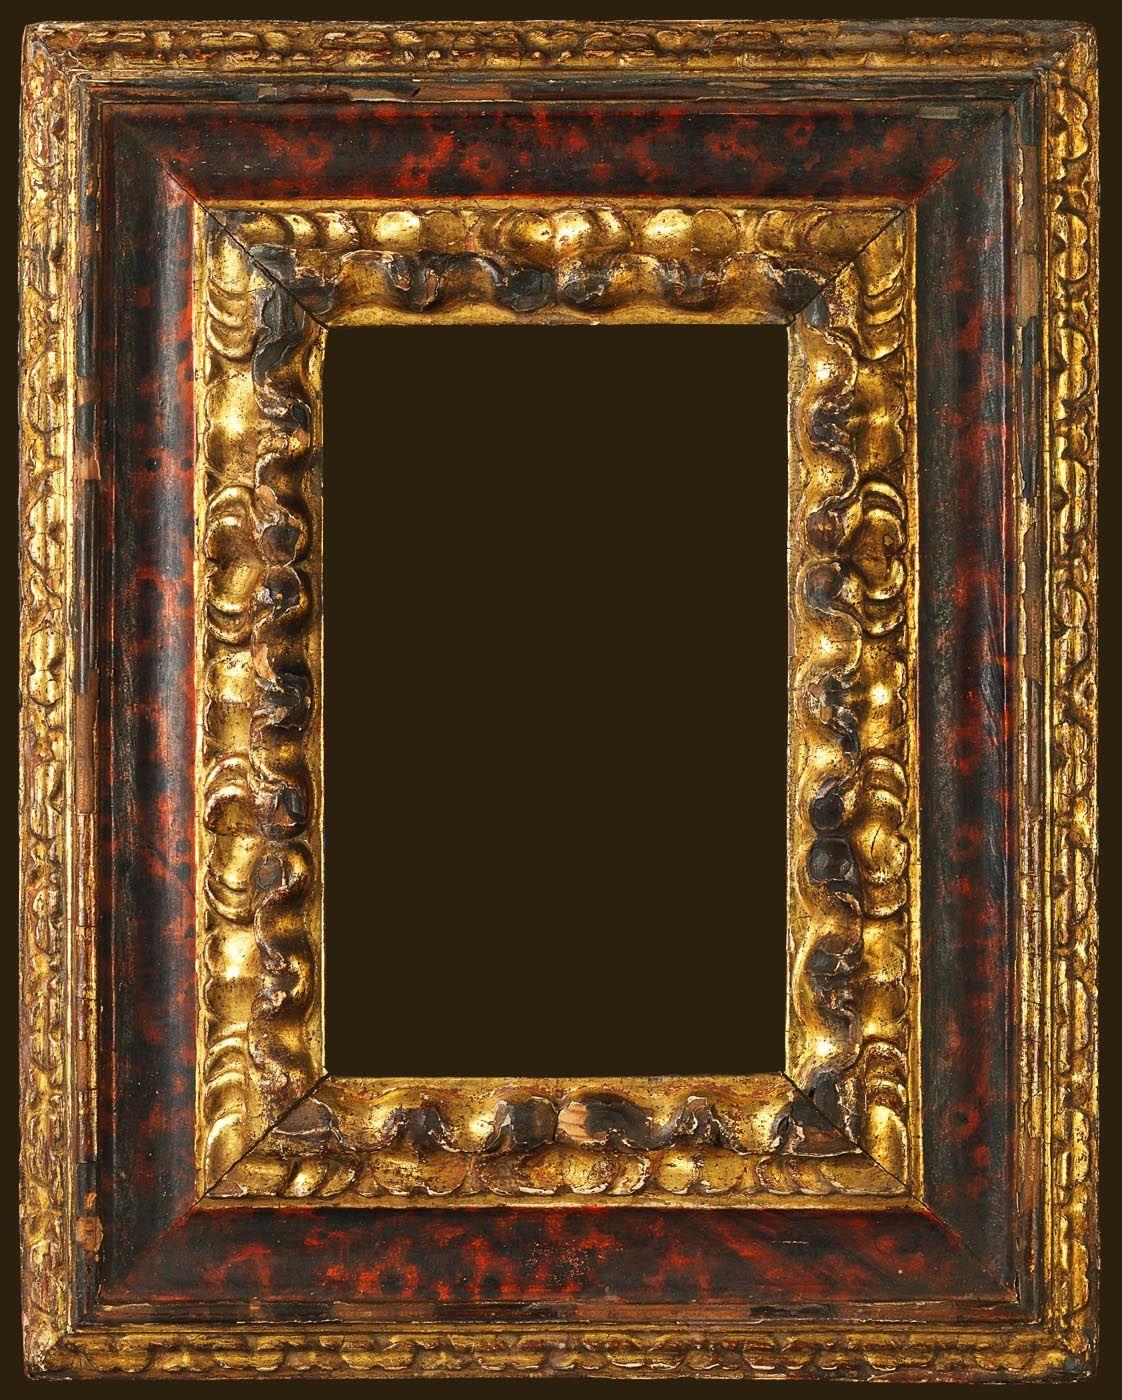 Spanish 17th Century, 10 1/2″ x 6 1/2″ x 4 5/8″ diegosalazar.com